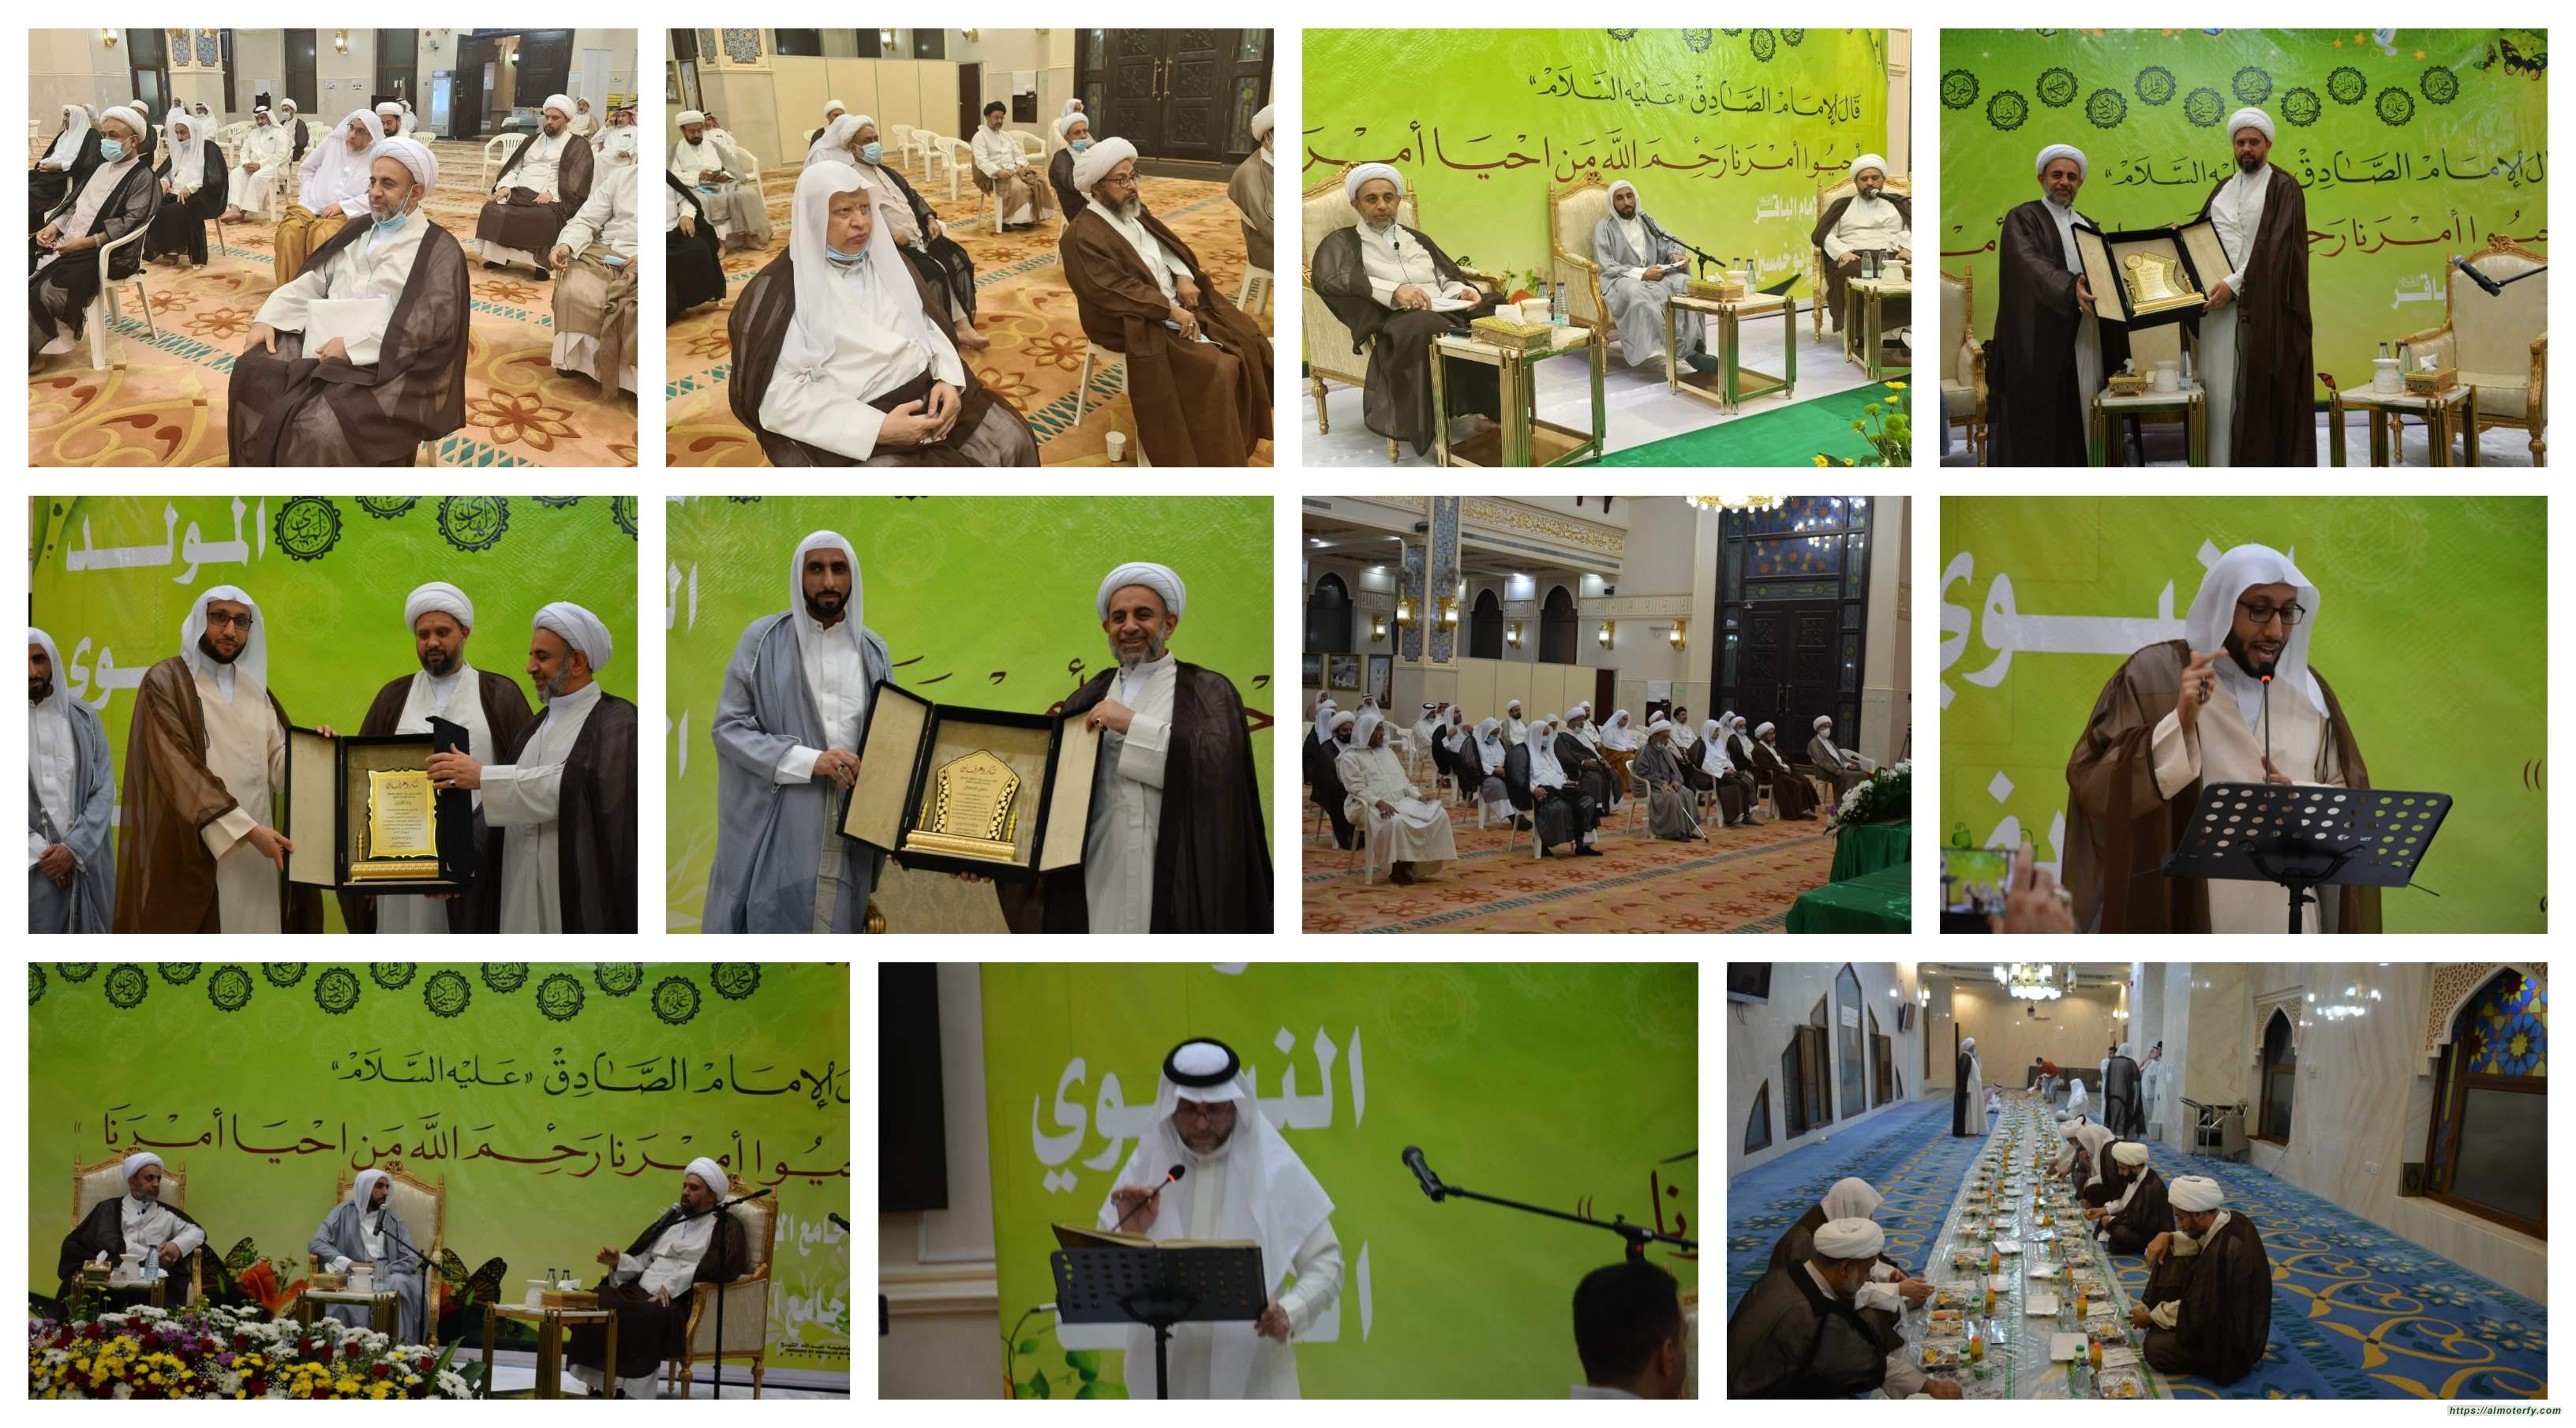 في ذكرى المولد النبوي الشريف، سماحة العلامة الشيخ حسين يقيم مأدبة إفطار